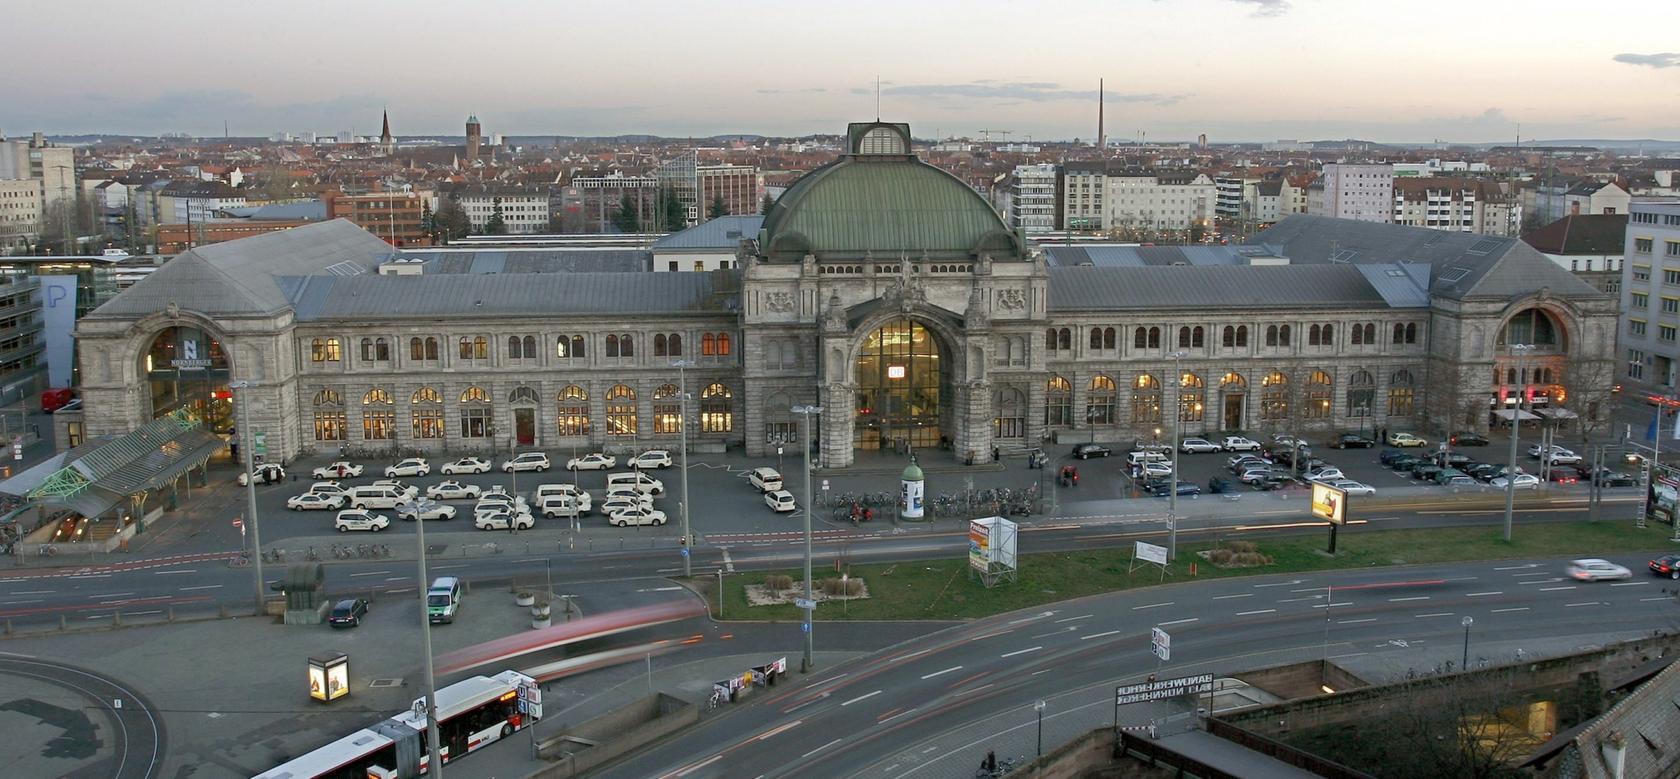 Die Deutsche Bahn will die zehn deutschen Bahnhöfe mit der höchsten potenziellen Terrorgefahr sicherer machen. Auch der Nürnberger Hauptbahnhof soll deshalb eine komplett neue Videoüberwachung erhalten.